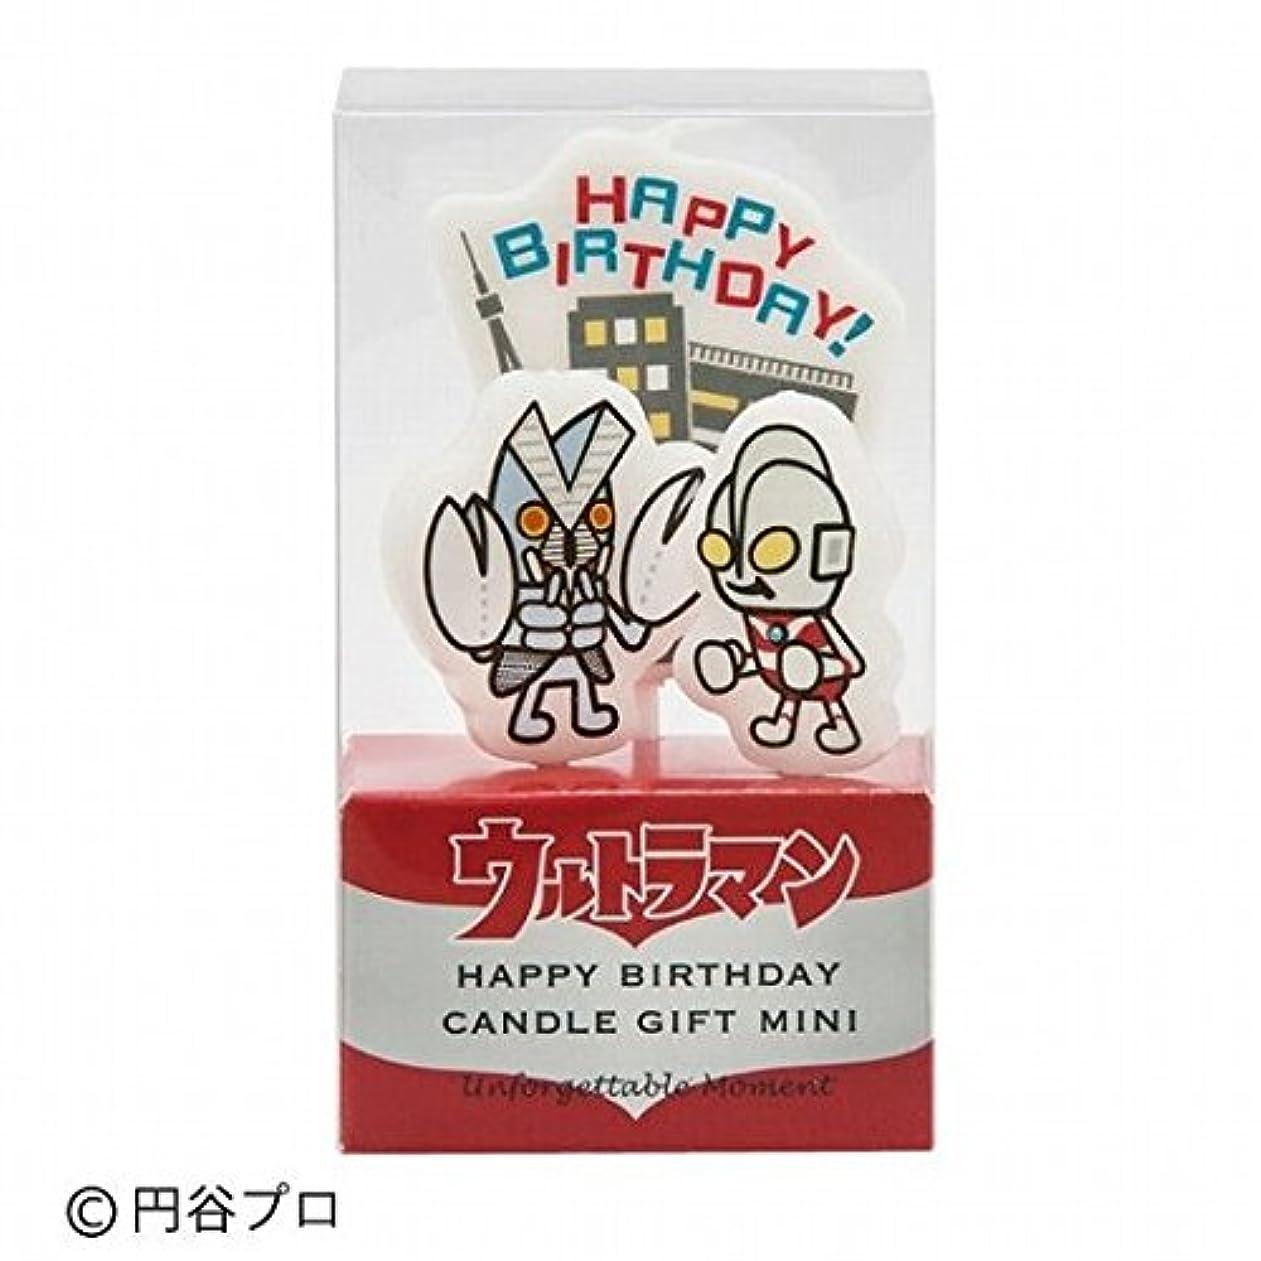 外観意義記憶kameyama candle(カメヤマキャンドル) ウルトラマンキャンドルギフトミニ 「 ハッピーバースデー 」(55360060)